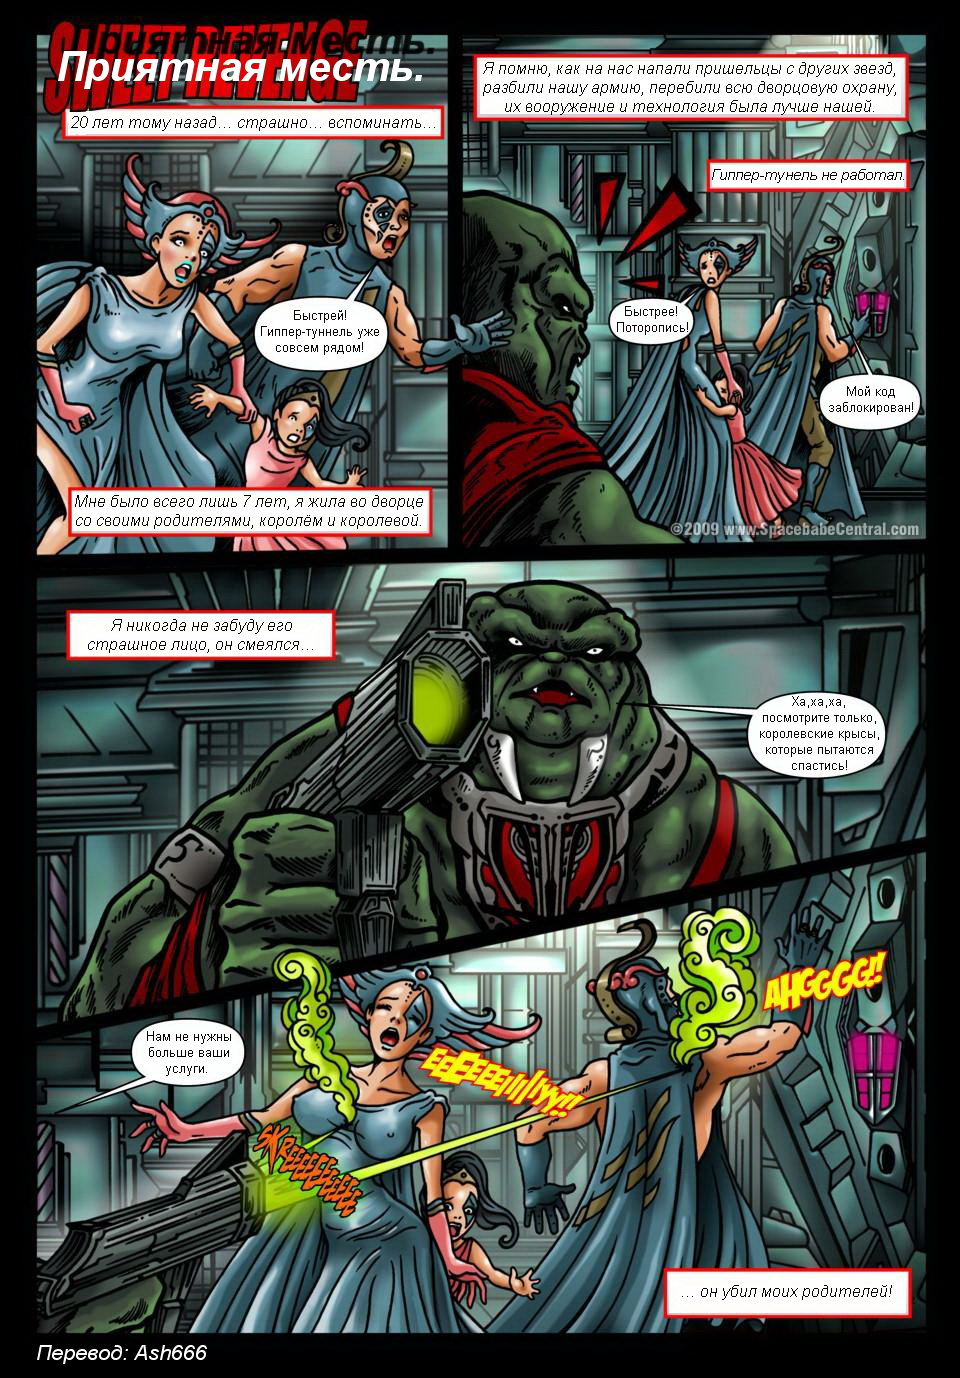 Эротические комиксы про инопланетян 25 фотография